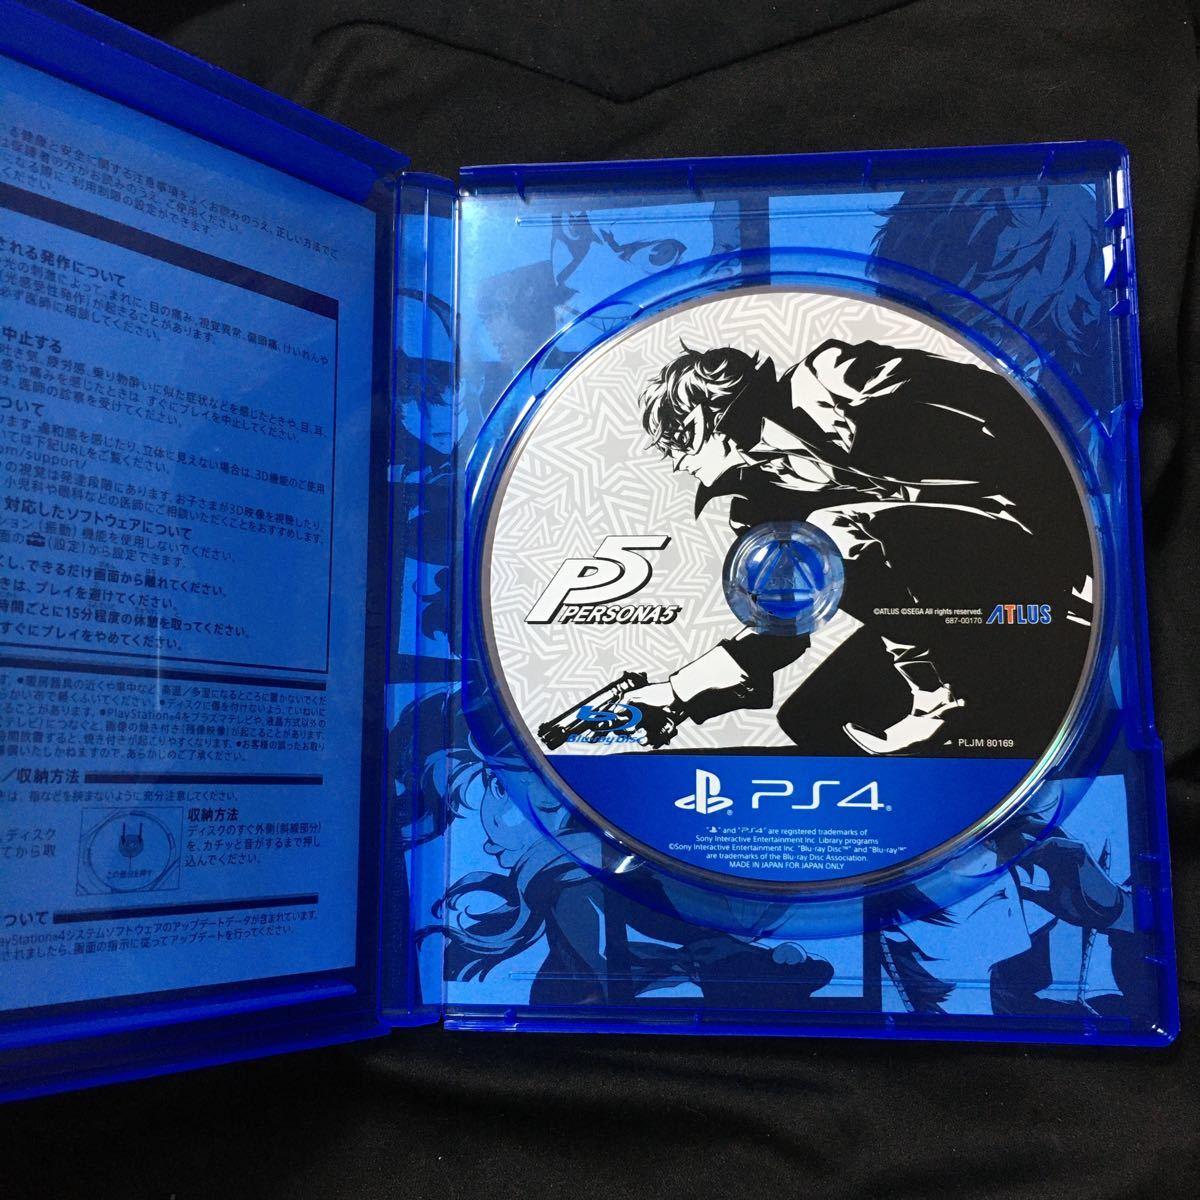 【PS4】 ペルソナ5 [通常版]送料無料、匿名配送、当日発送可能♪